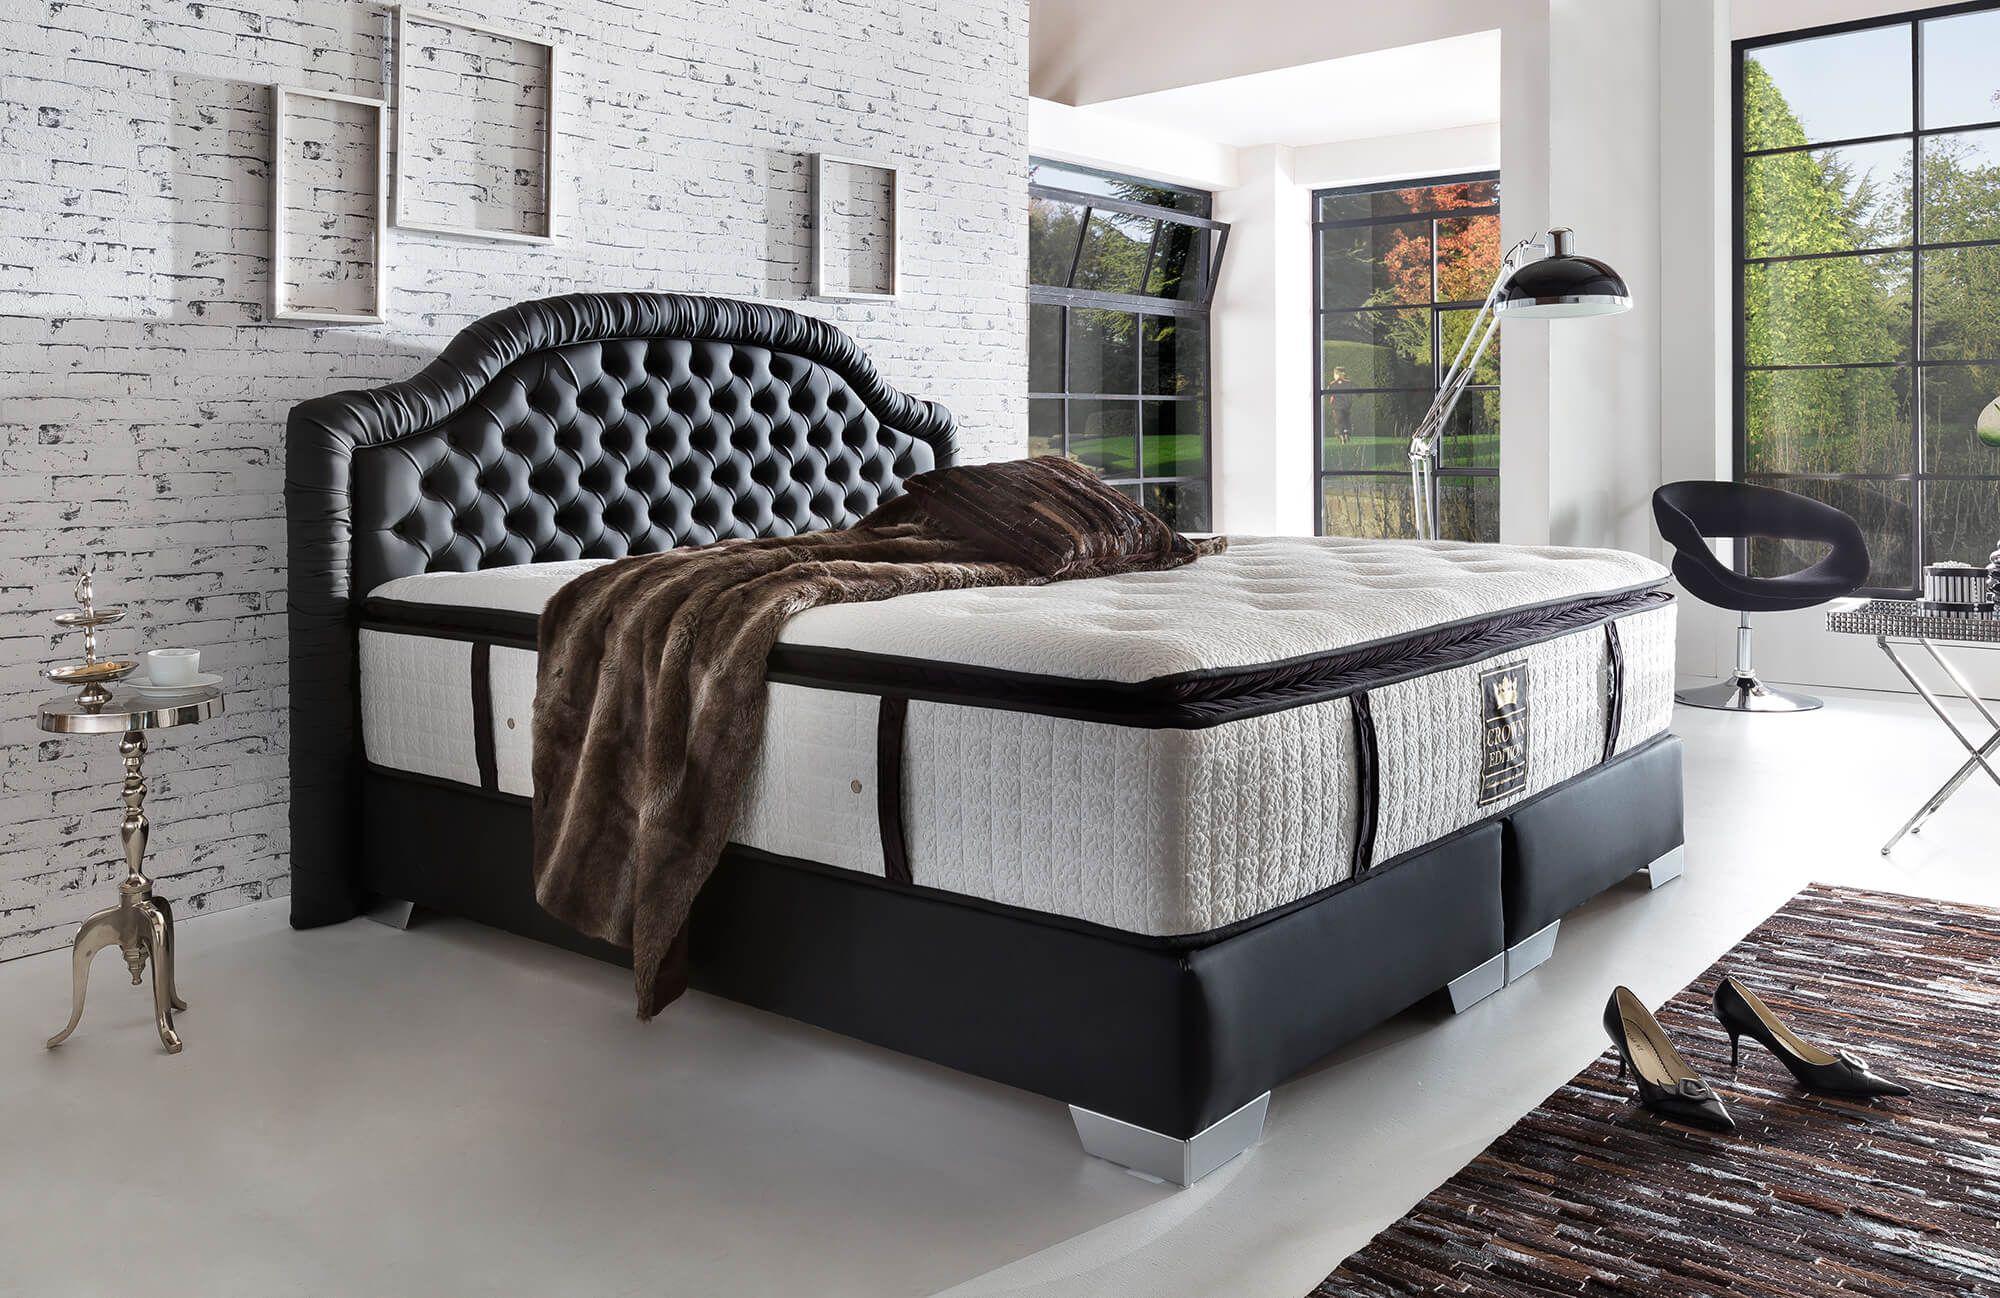 Stella von Forte Schlafzimmer Sandeiche weiß Hochglanz schlafzimmer Pinterest